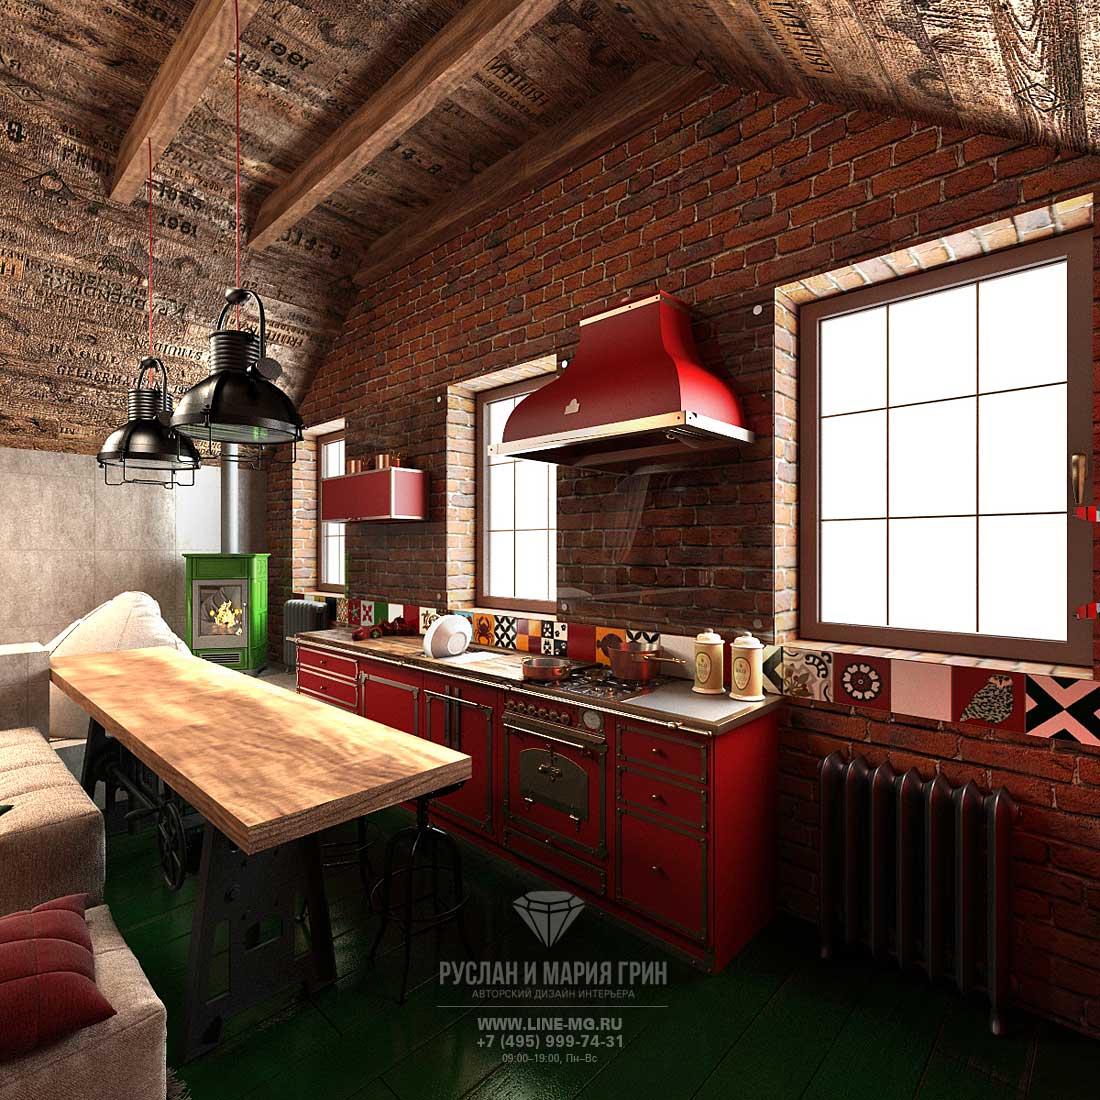 Современная кухня в стиле лофт с красным кирпичом